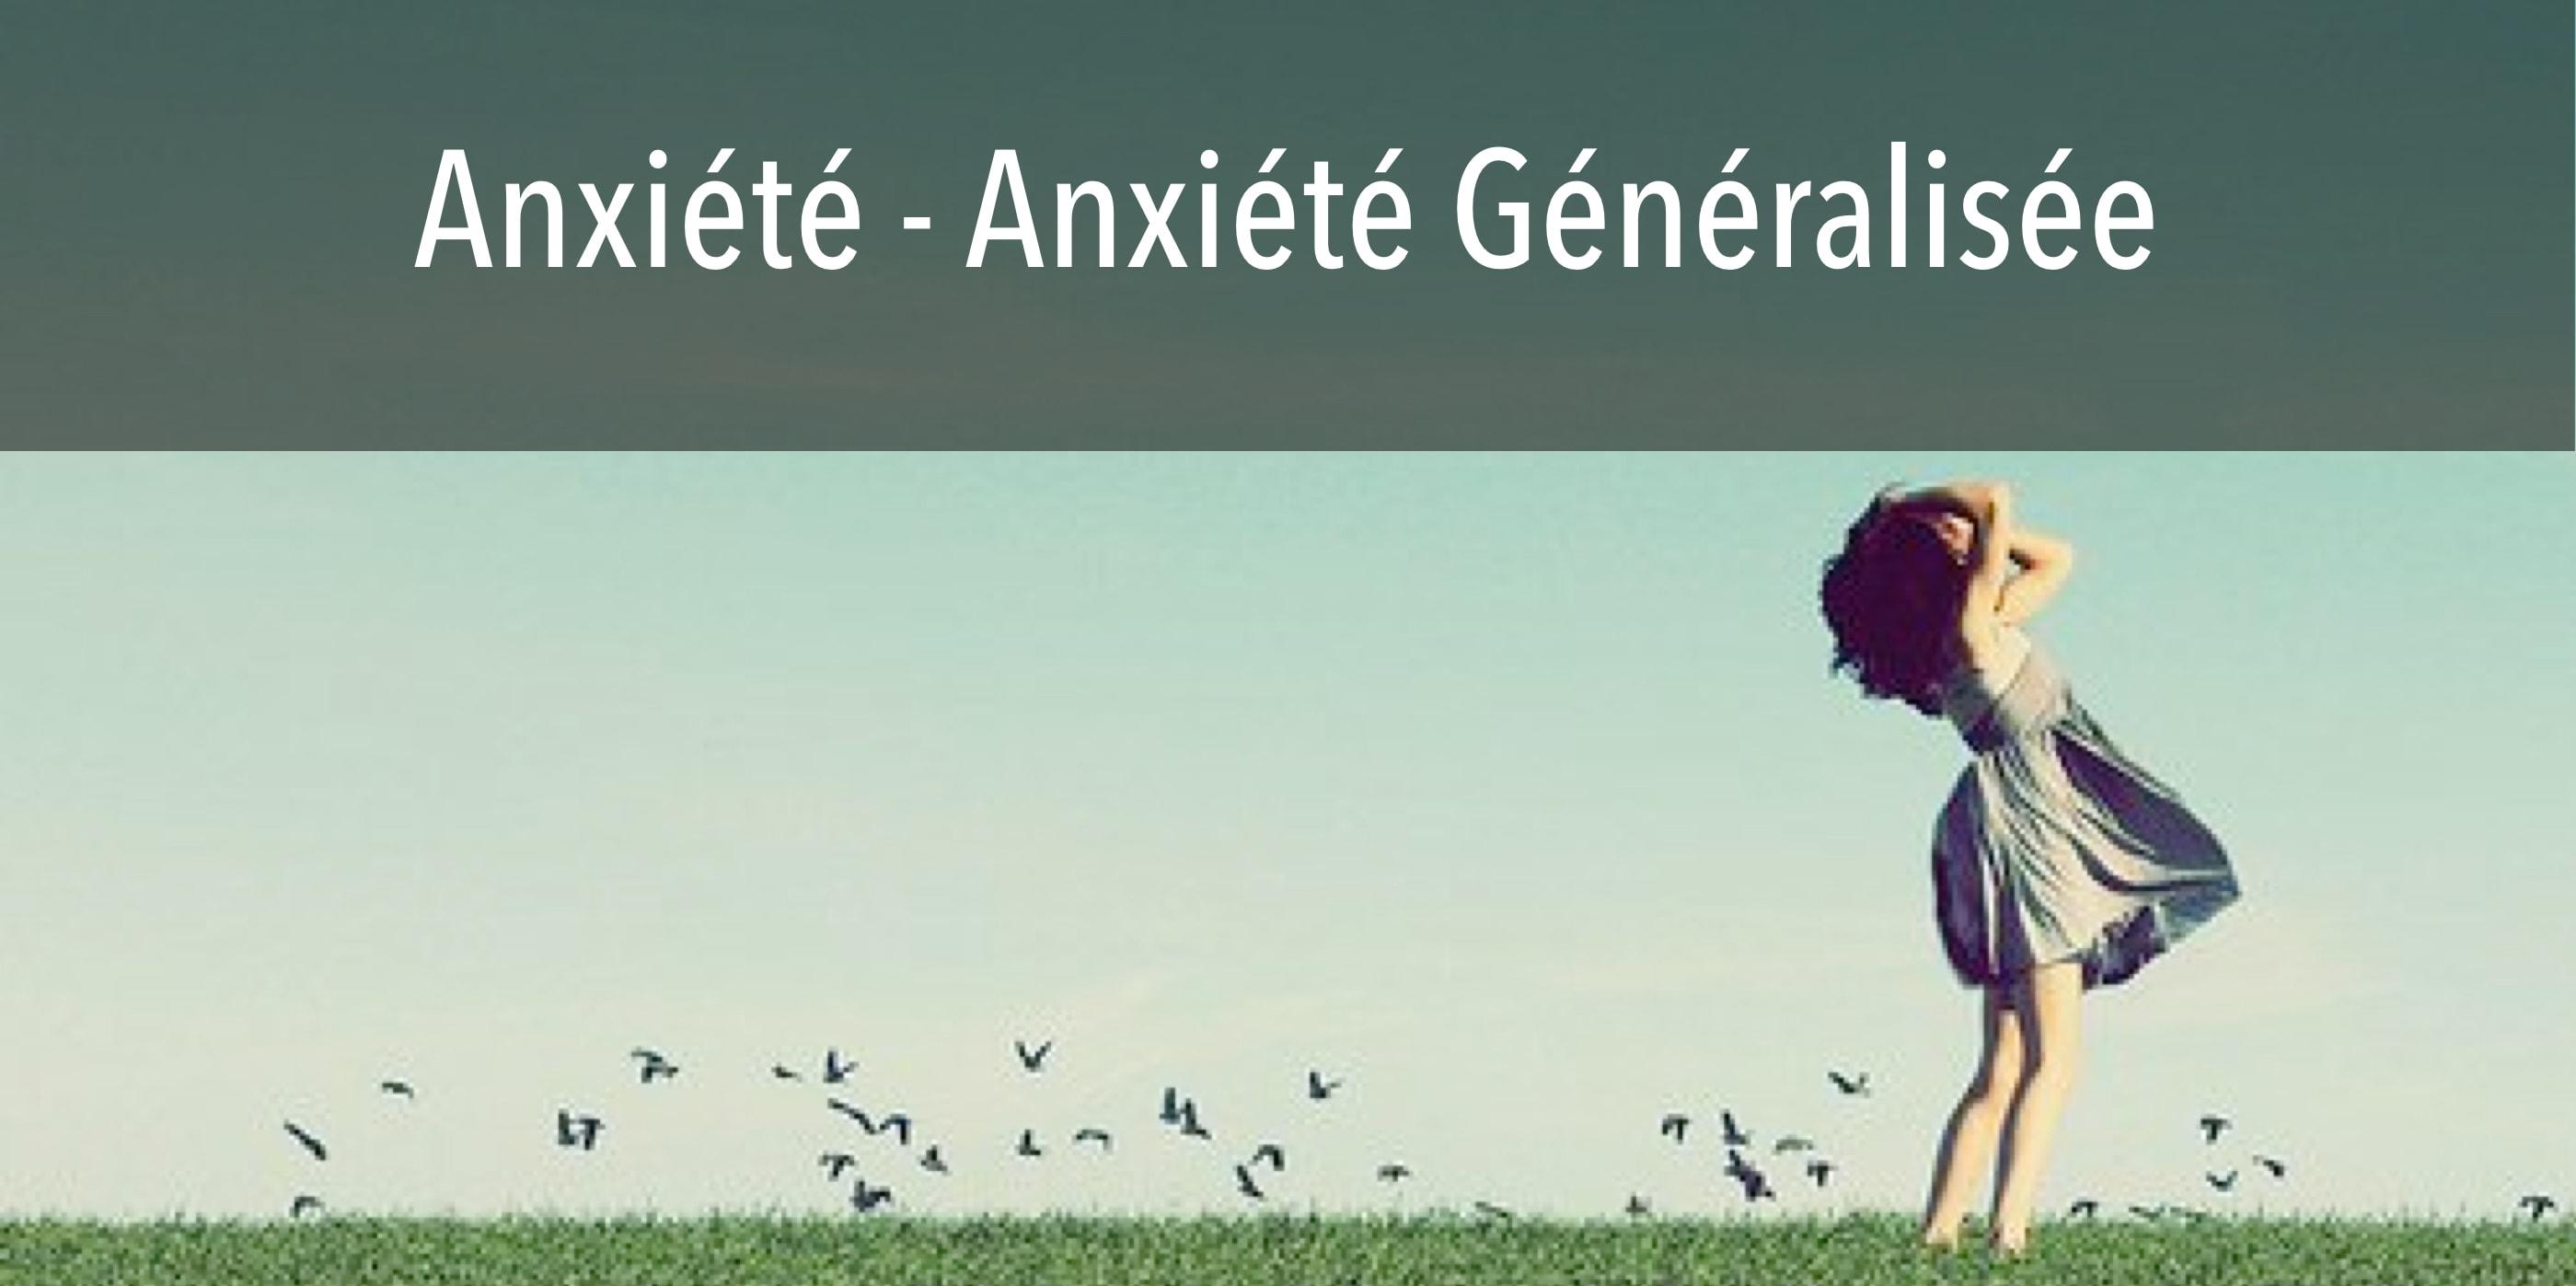 Anxiété - Anxiété Généralisée - Méthodes comportementales